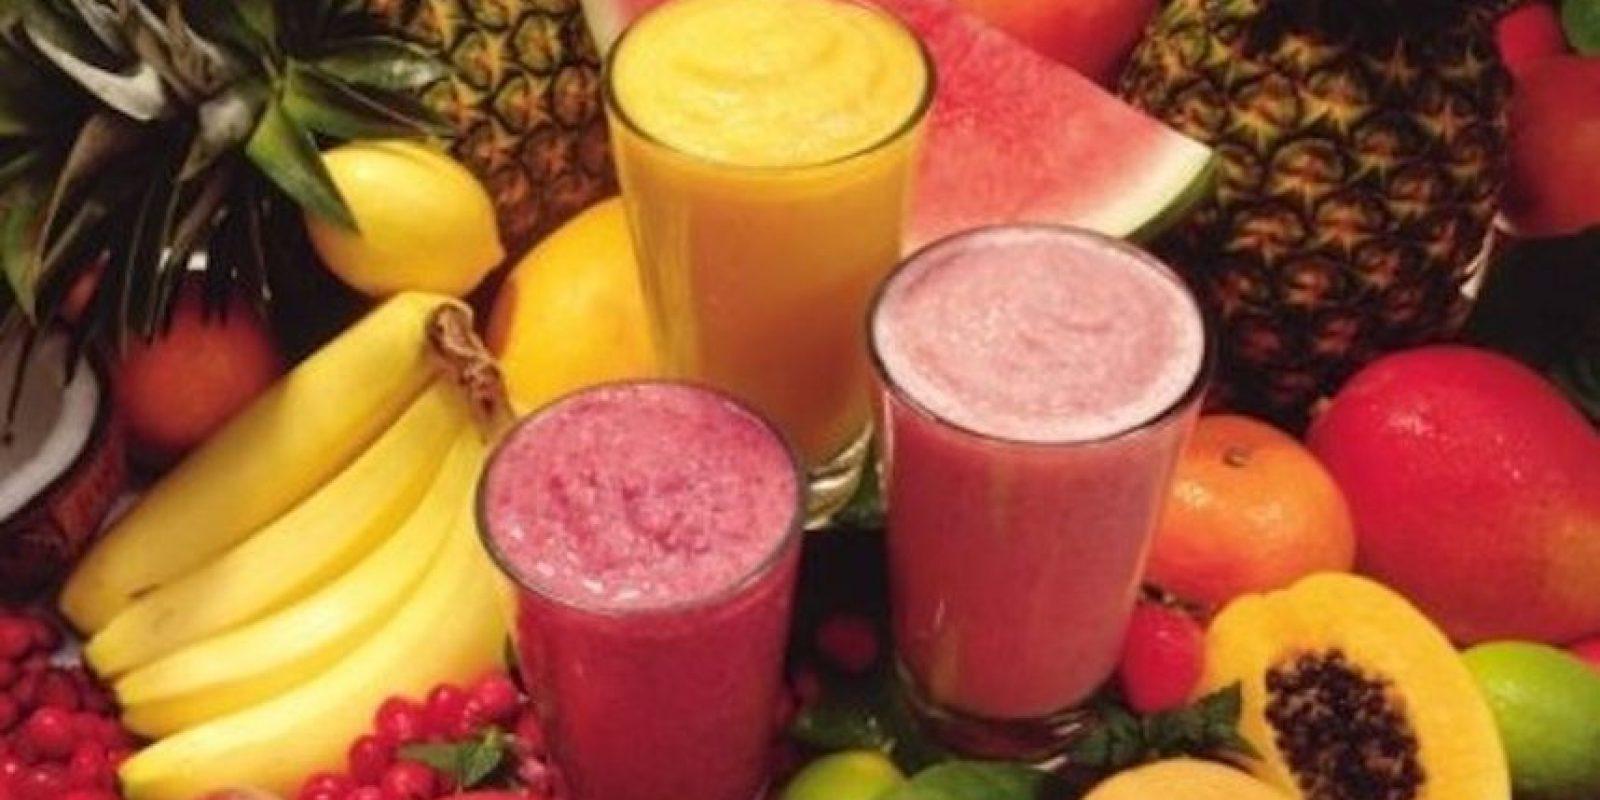 Basta con añadir fruta, un poco de leche o agua y batirlo todo. Añadir un poco de hielo no es mala idea para que el líquido nos refresque. Foto:Tumblr